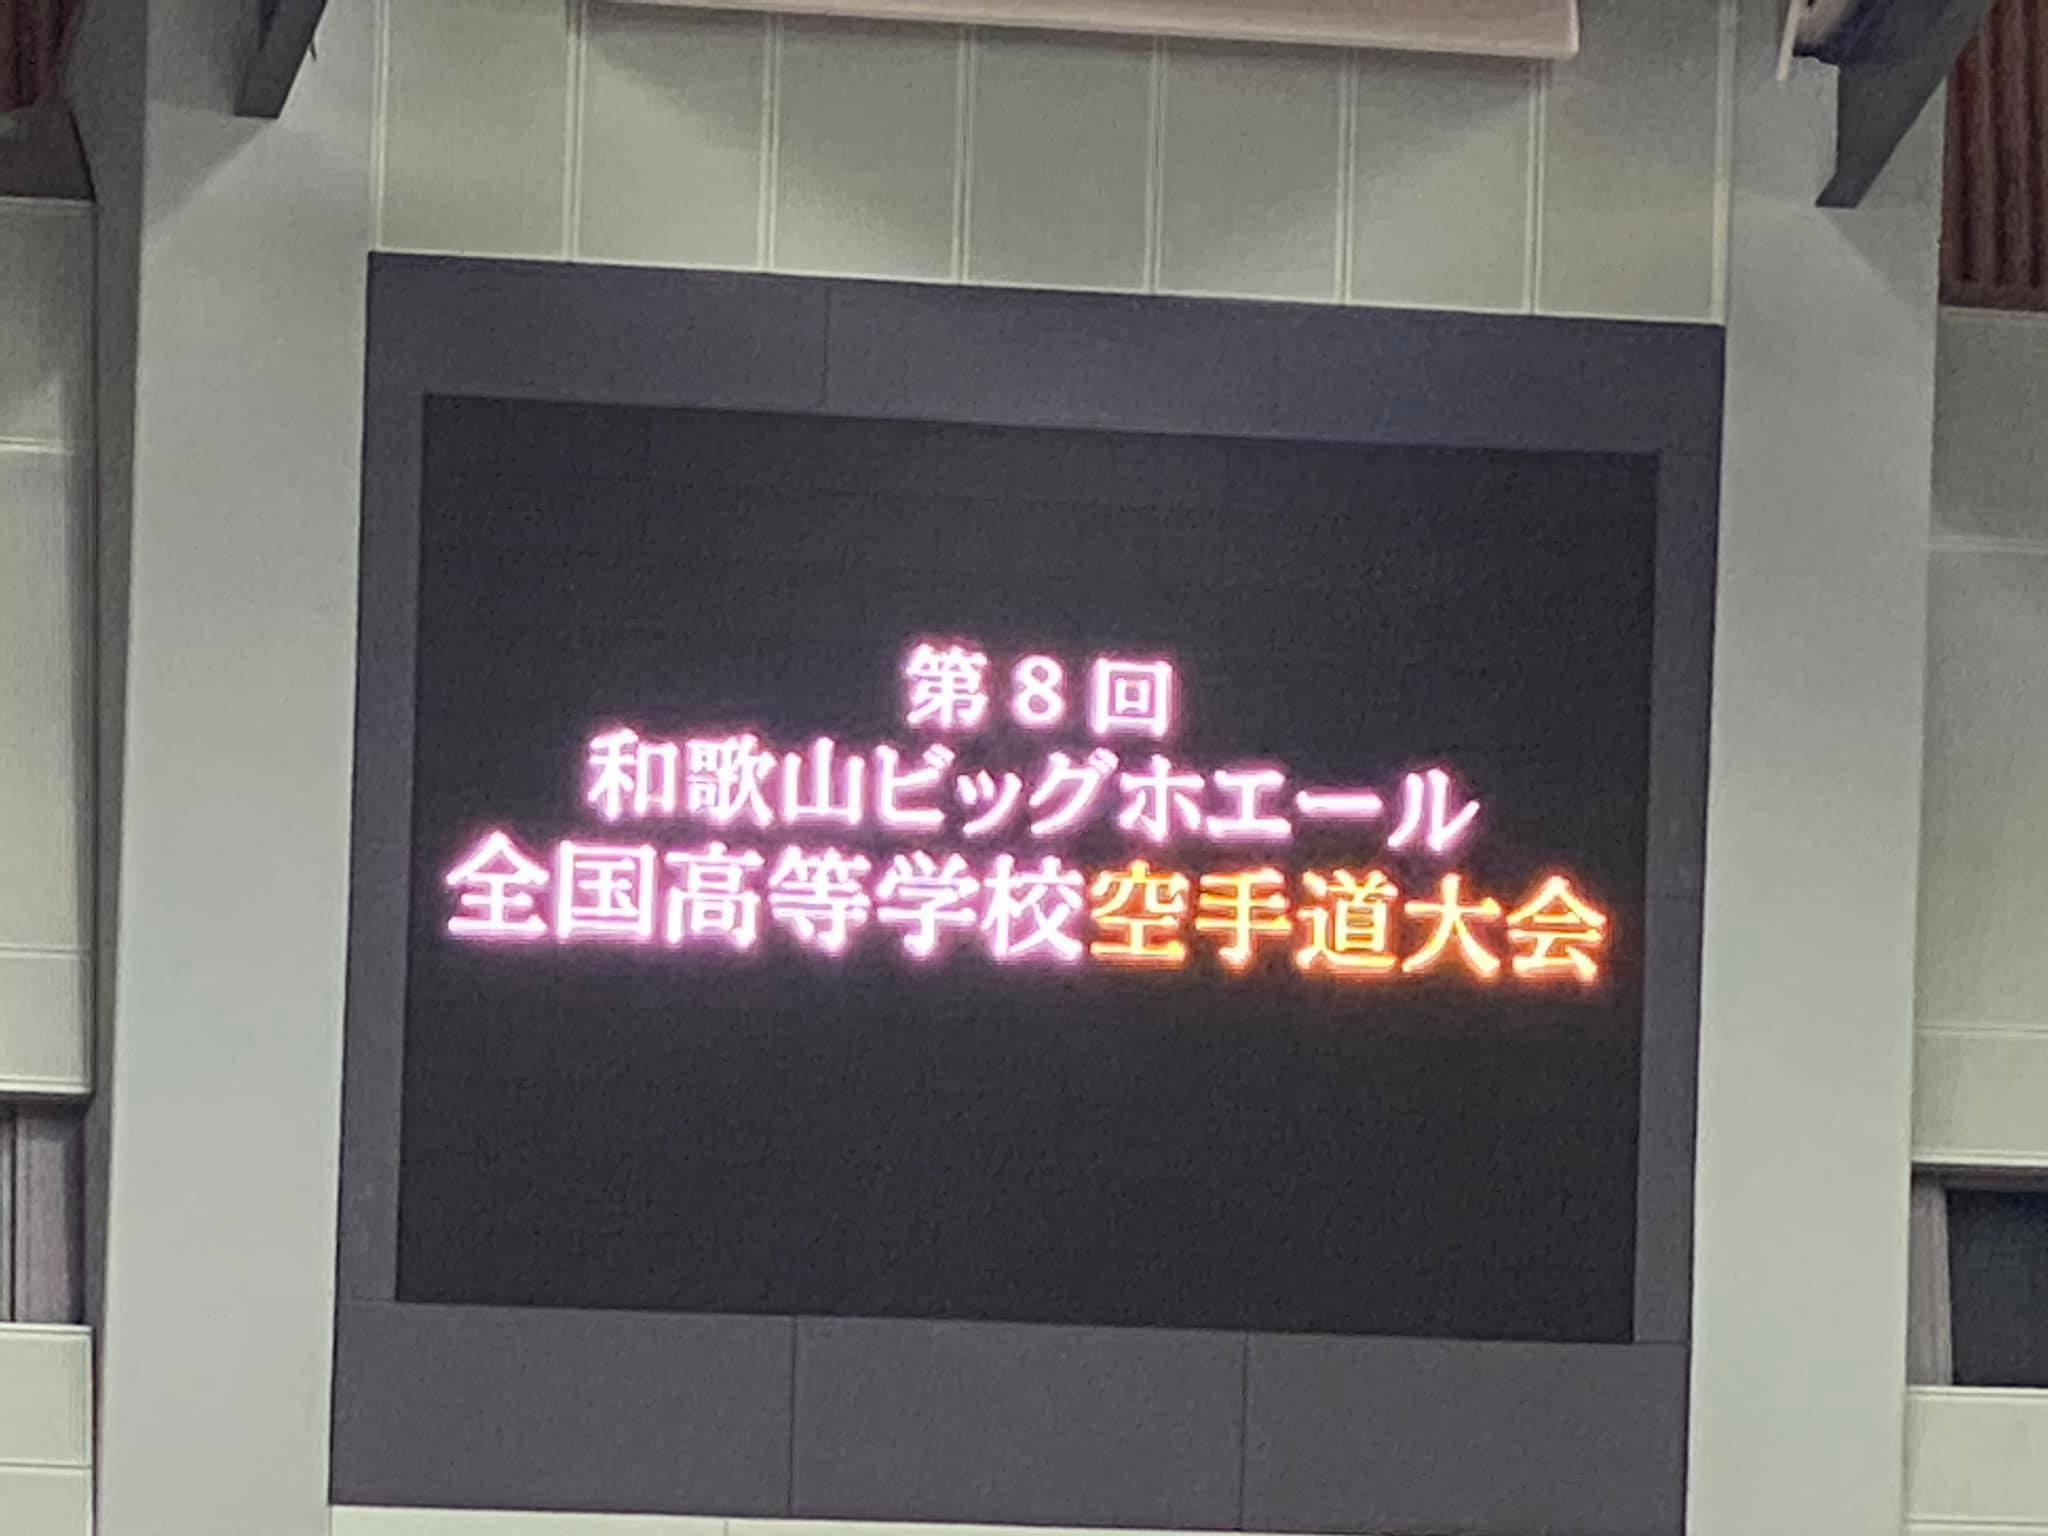 中学女子団体組手で優勝・3位 8th和歌山ビッグホエール大会_e0238098_10224091.jpg